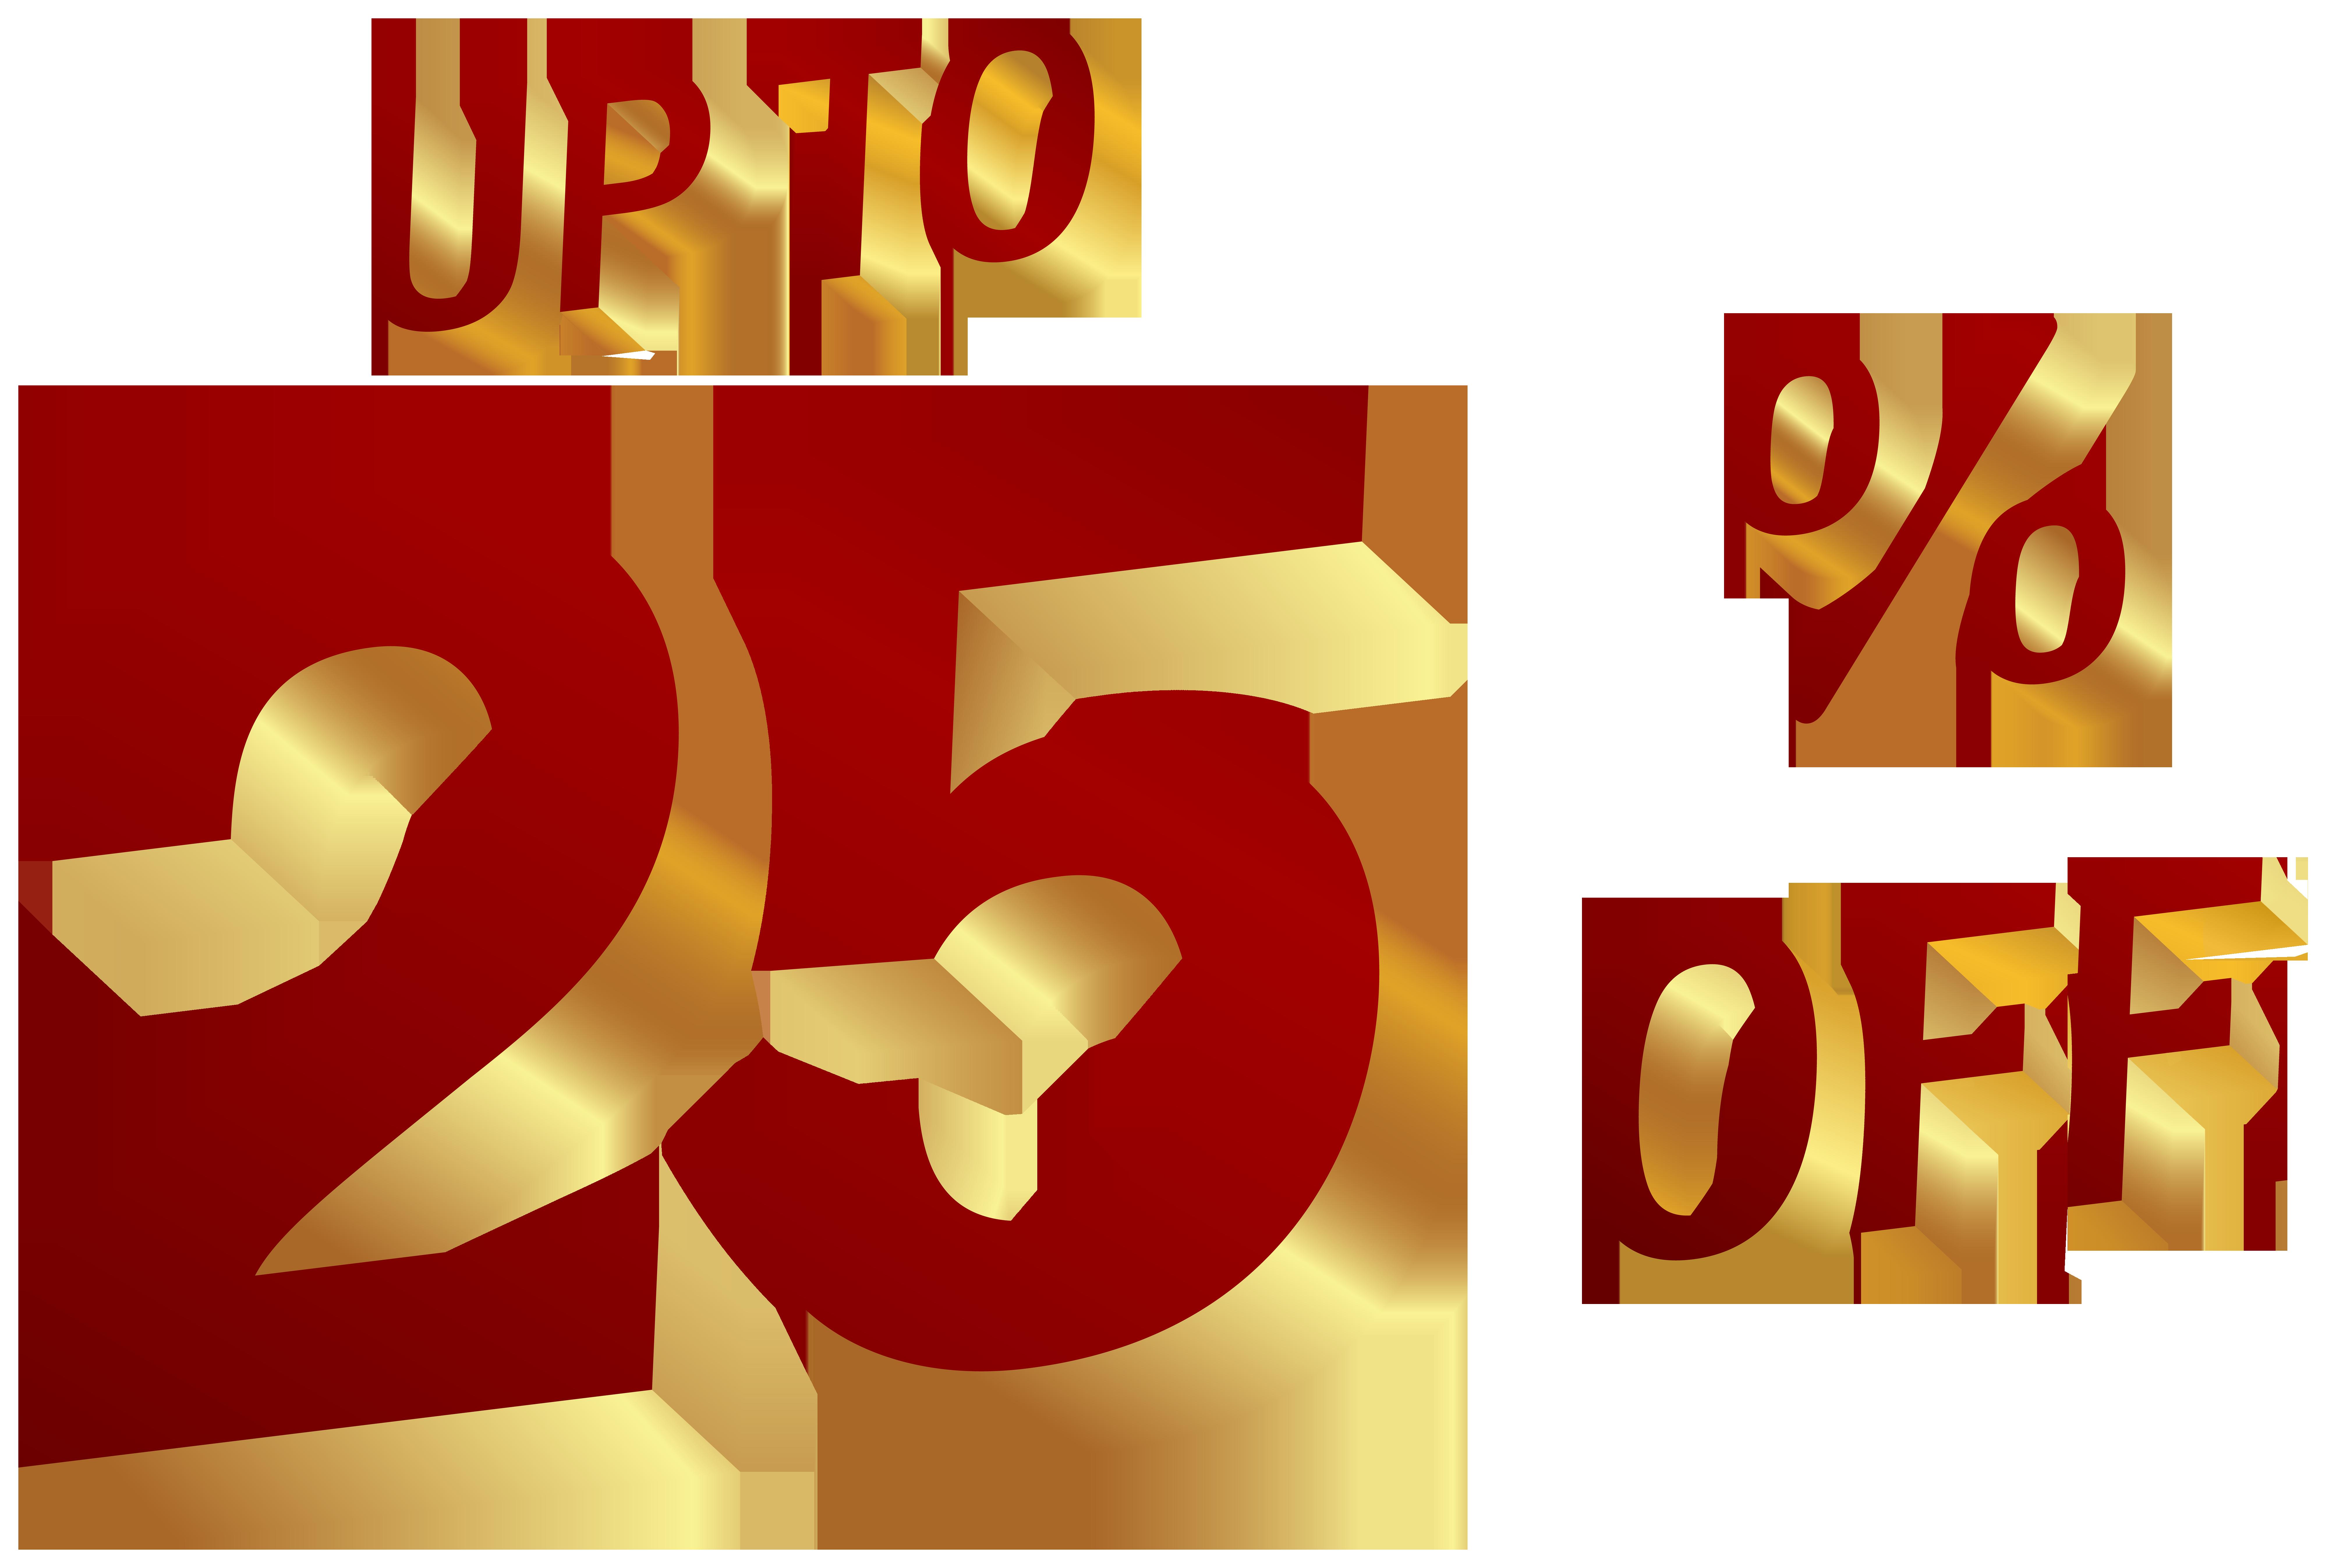 25 Percent Discount Clip Art Image.